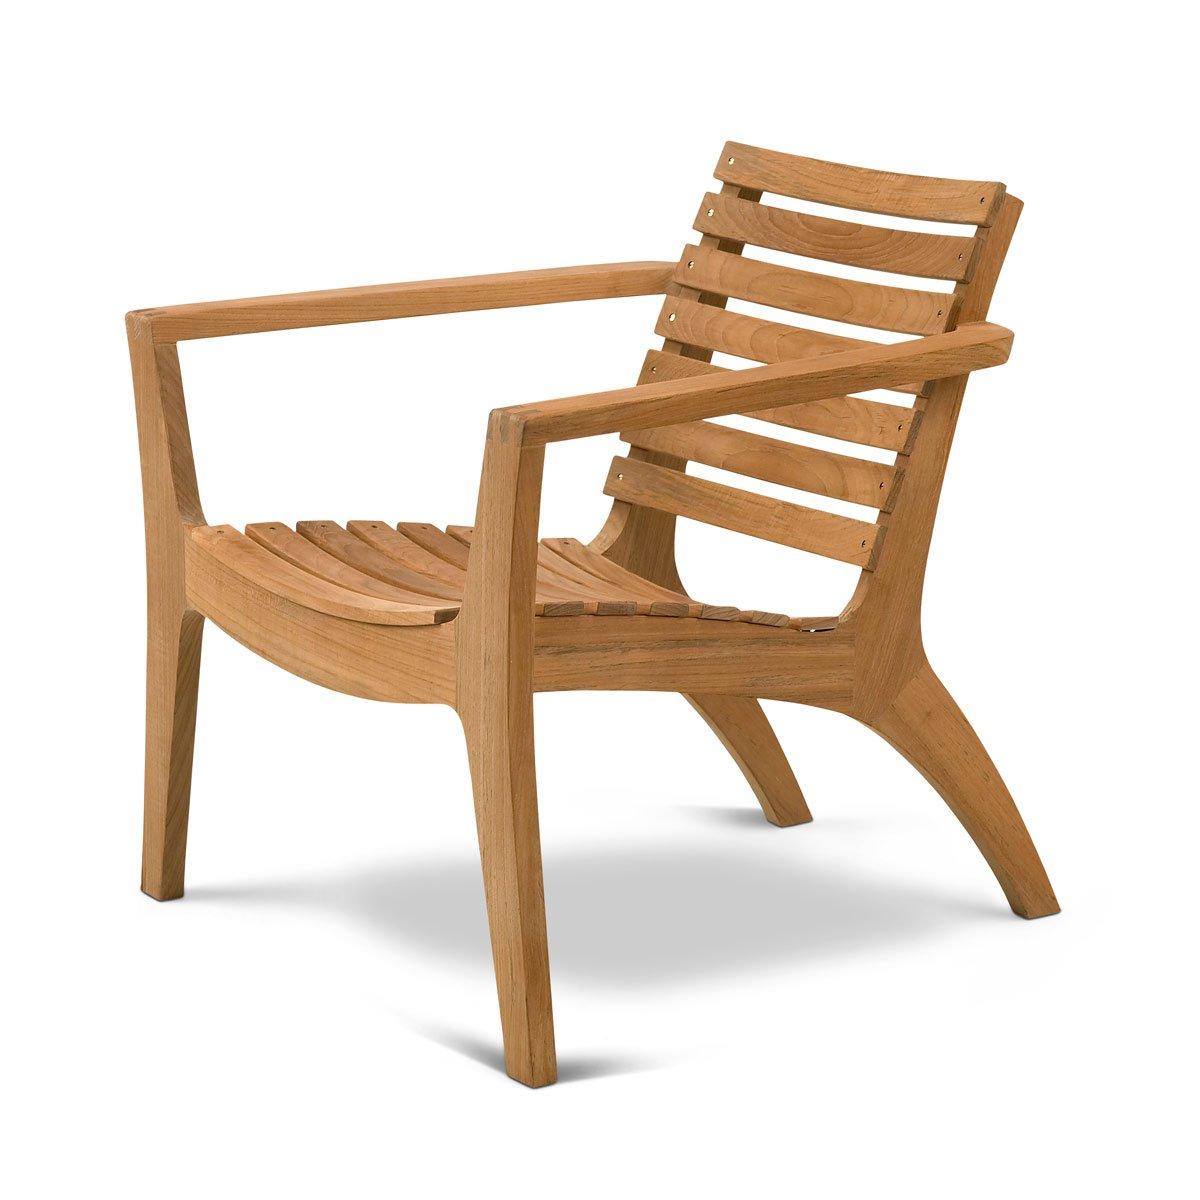 Regatta Lounge Chair / Hans Thyge / Skagerak / Teakholzstuhl / DesignKlassiker von Klingenberg jetzt bestellen